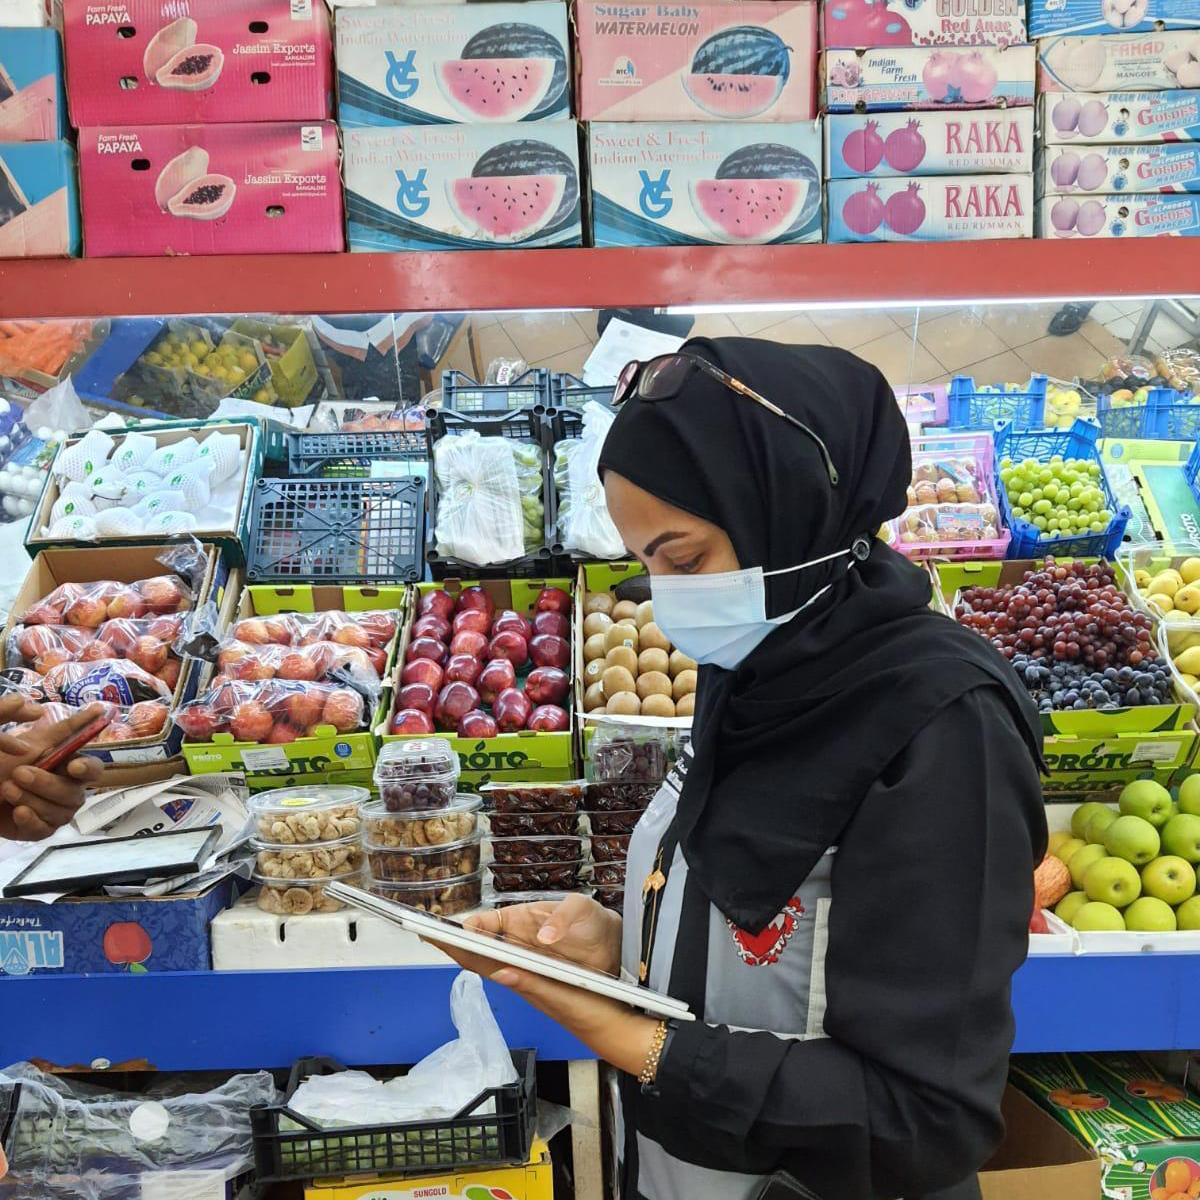 وزارة الصحة: حملات تفتيشية شملت 211 مطعمًا ومقهى ومخالفة 46 منها